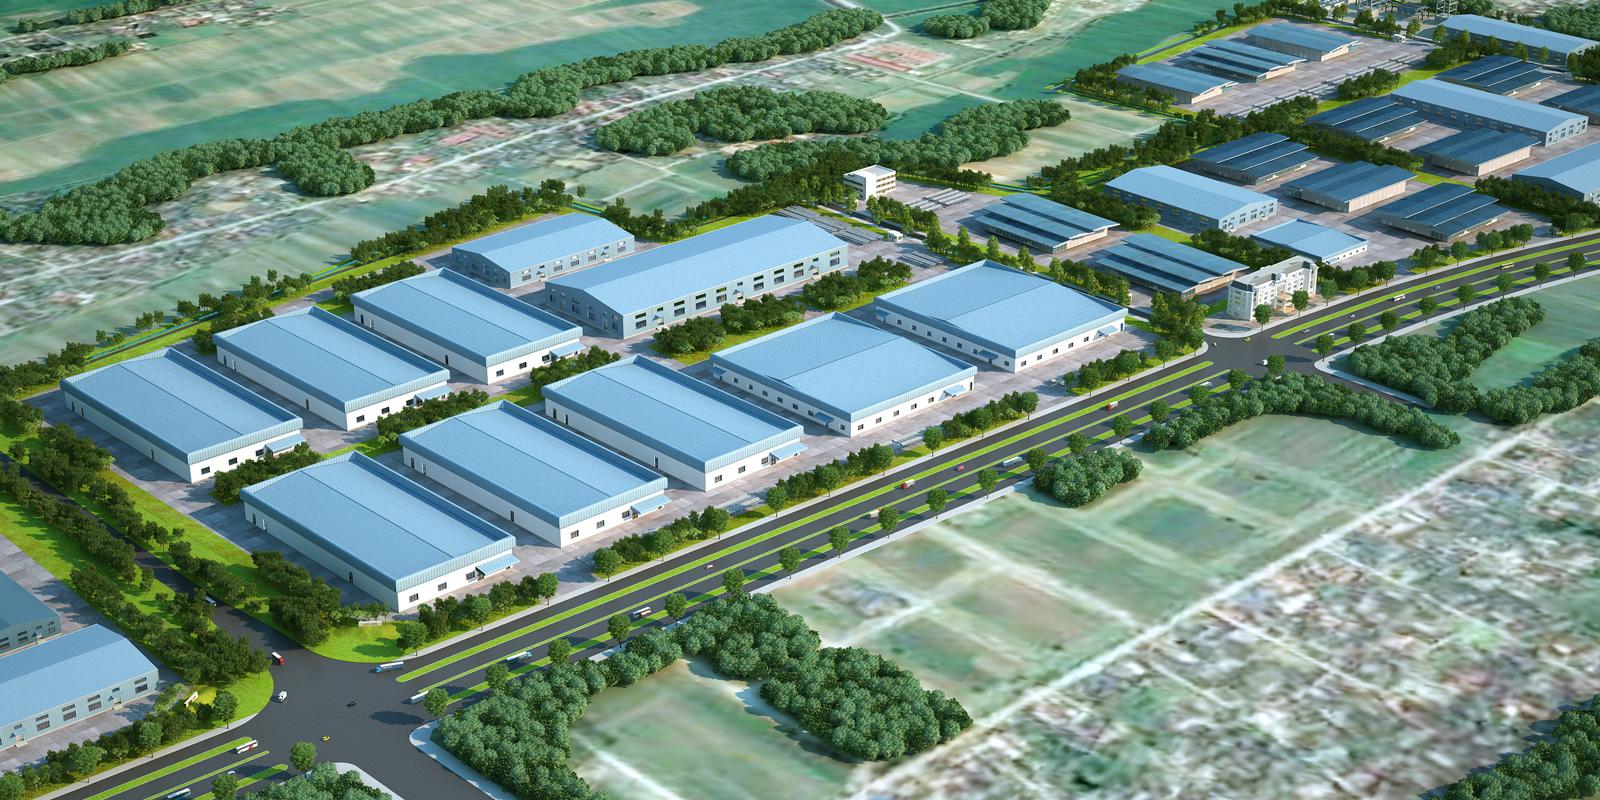 công nghiệp xanh 2